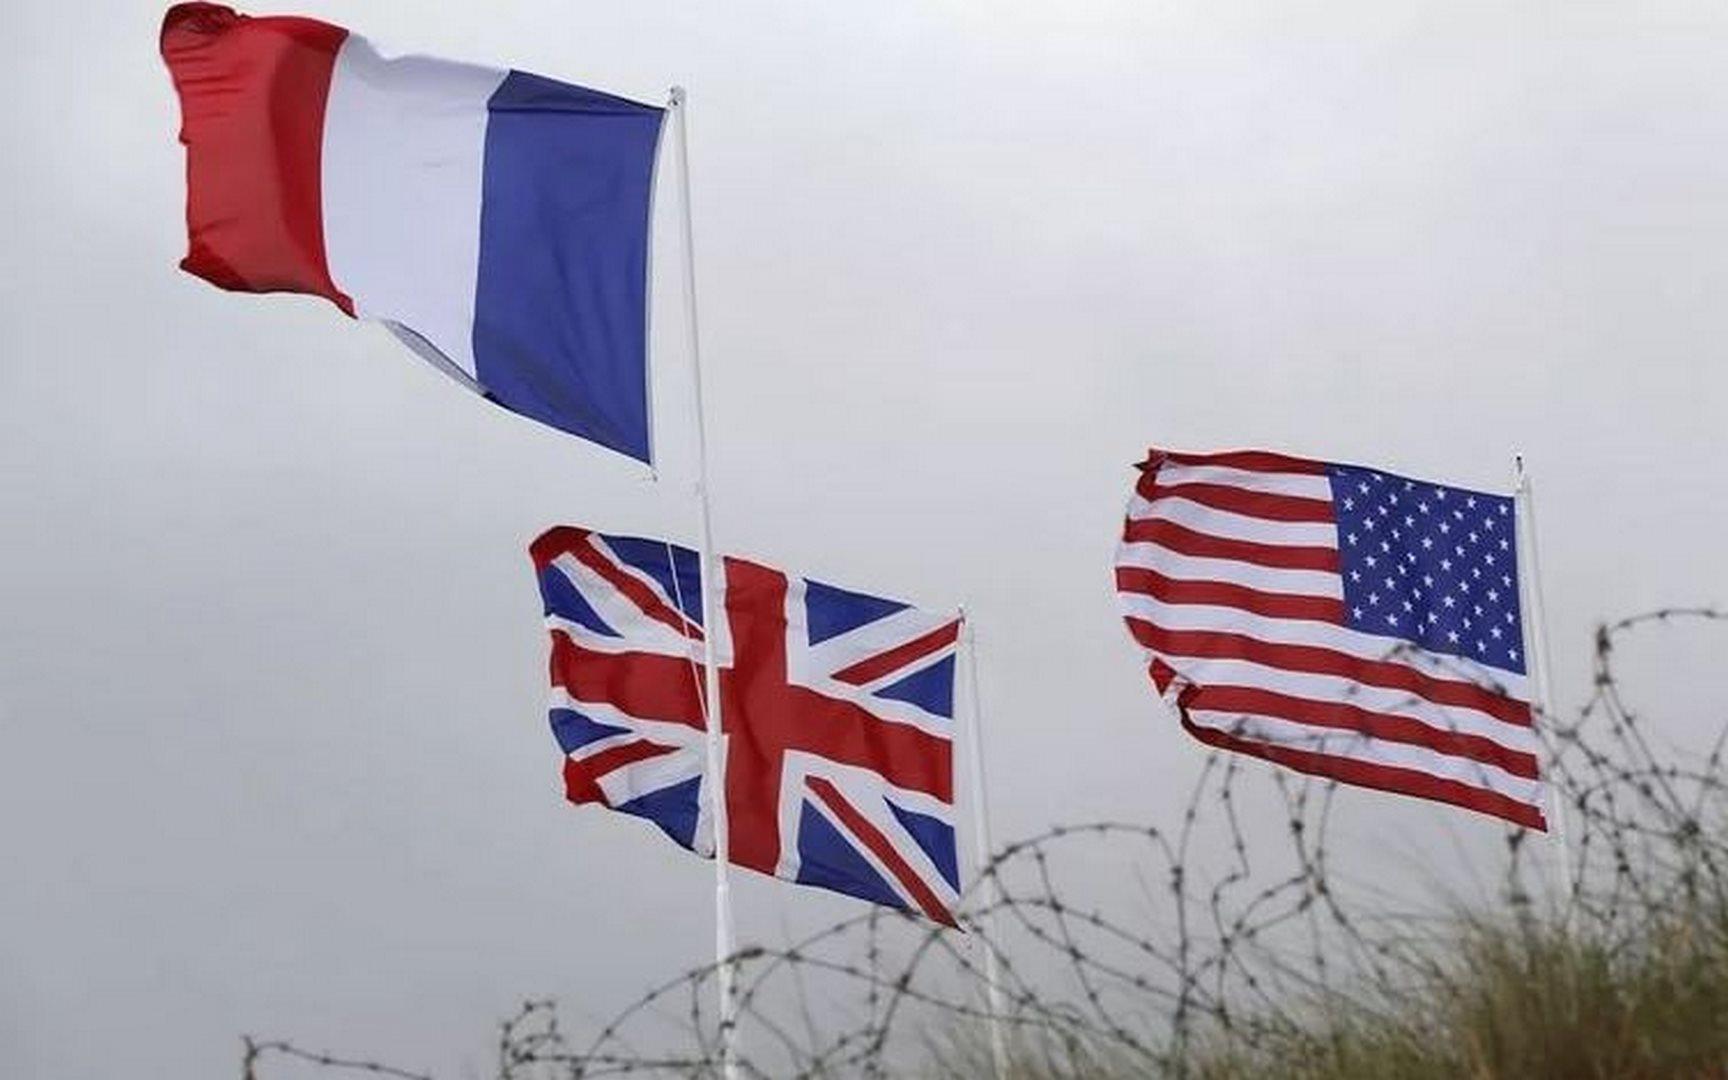 فرنسا وألمانيا تتفقان مع أميركا أكثر مما تدركان